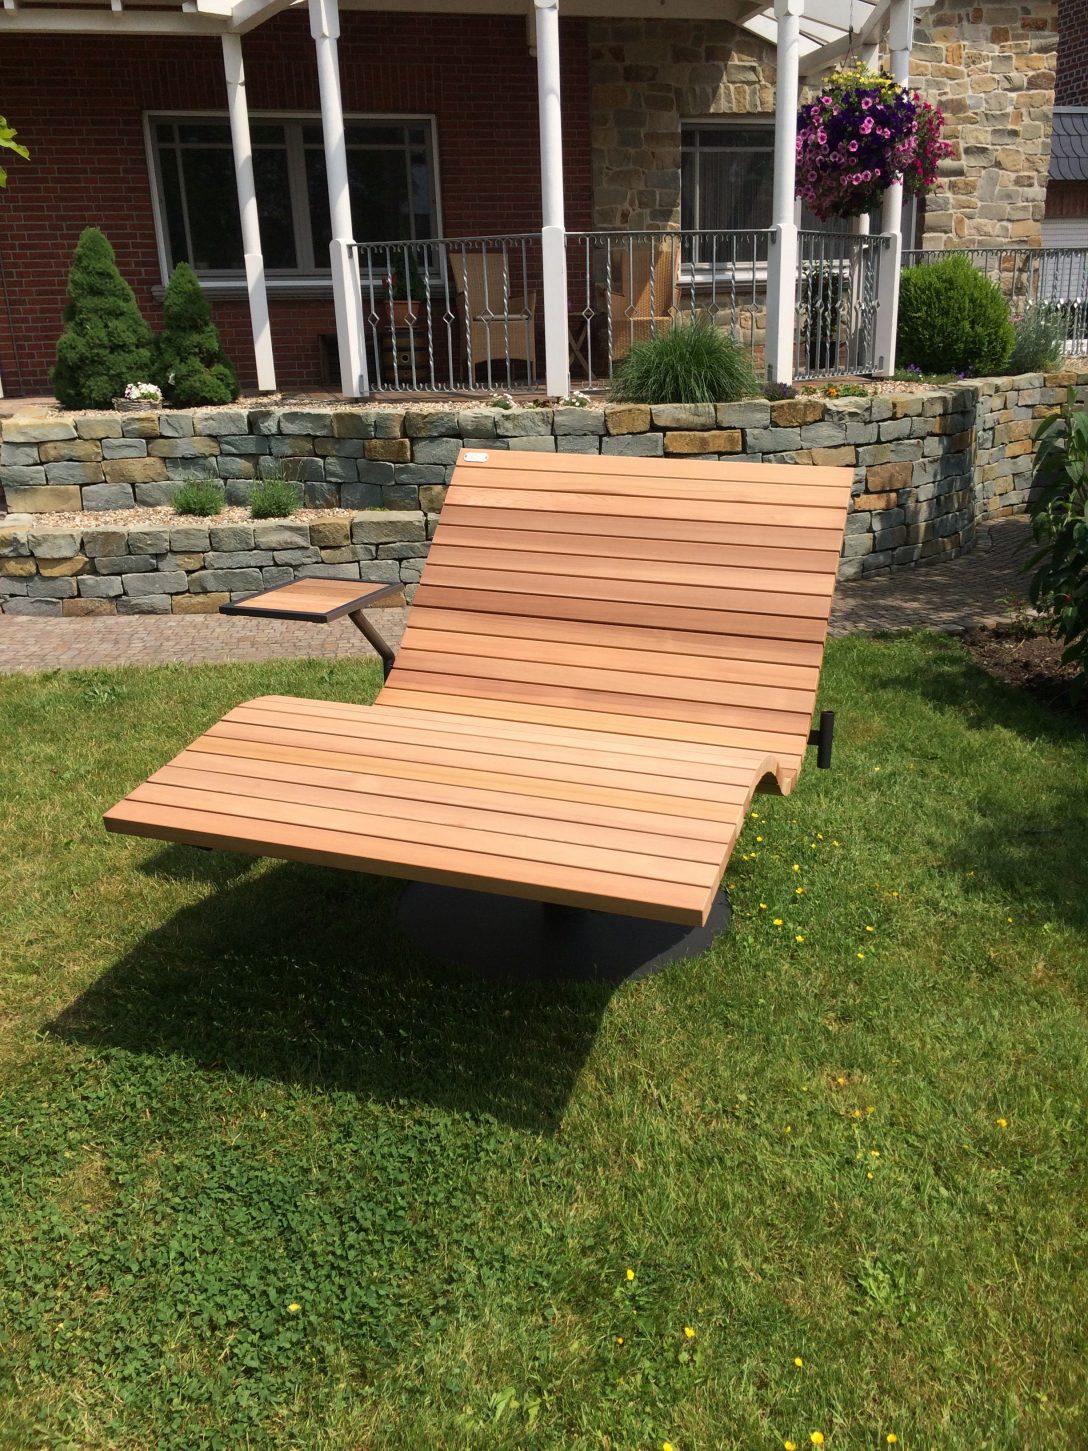 Full Size of Sonnenliege Aldi Mit Den Kleinen Extras Sundivan Vertragshndler Relaxsessel Garten Wohnzimmer Sonnenliege Aldi